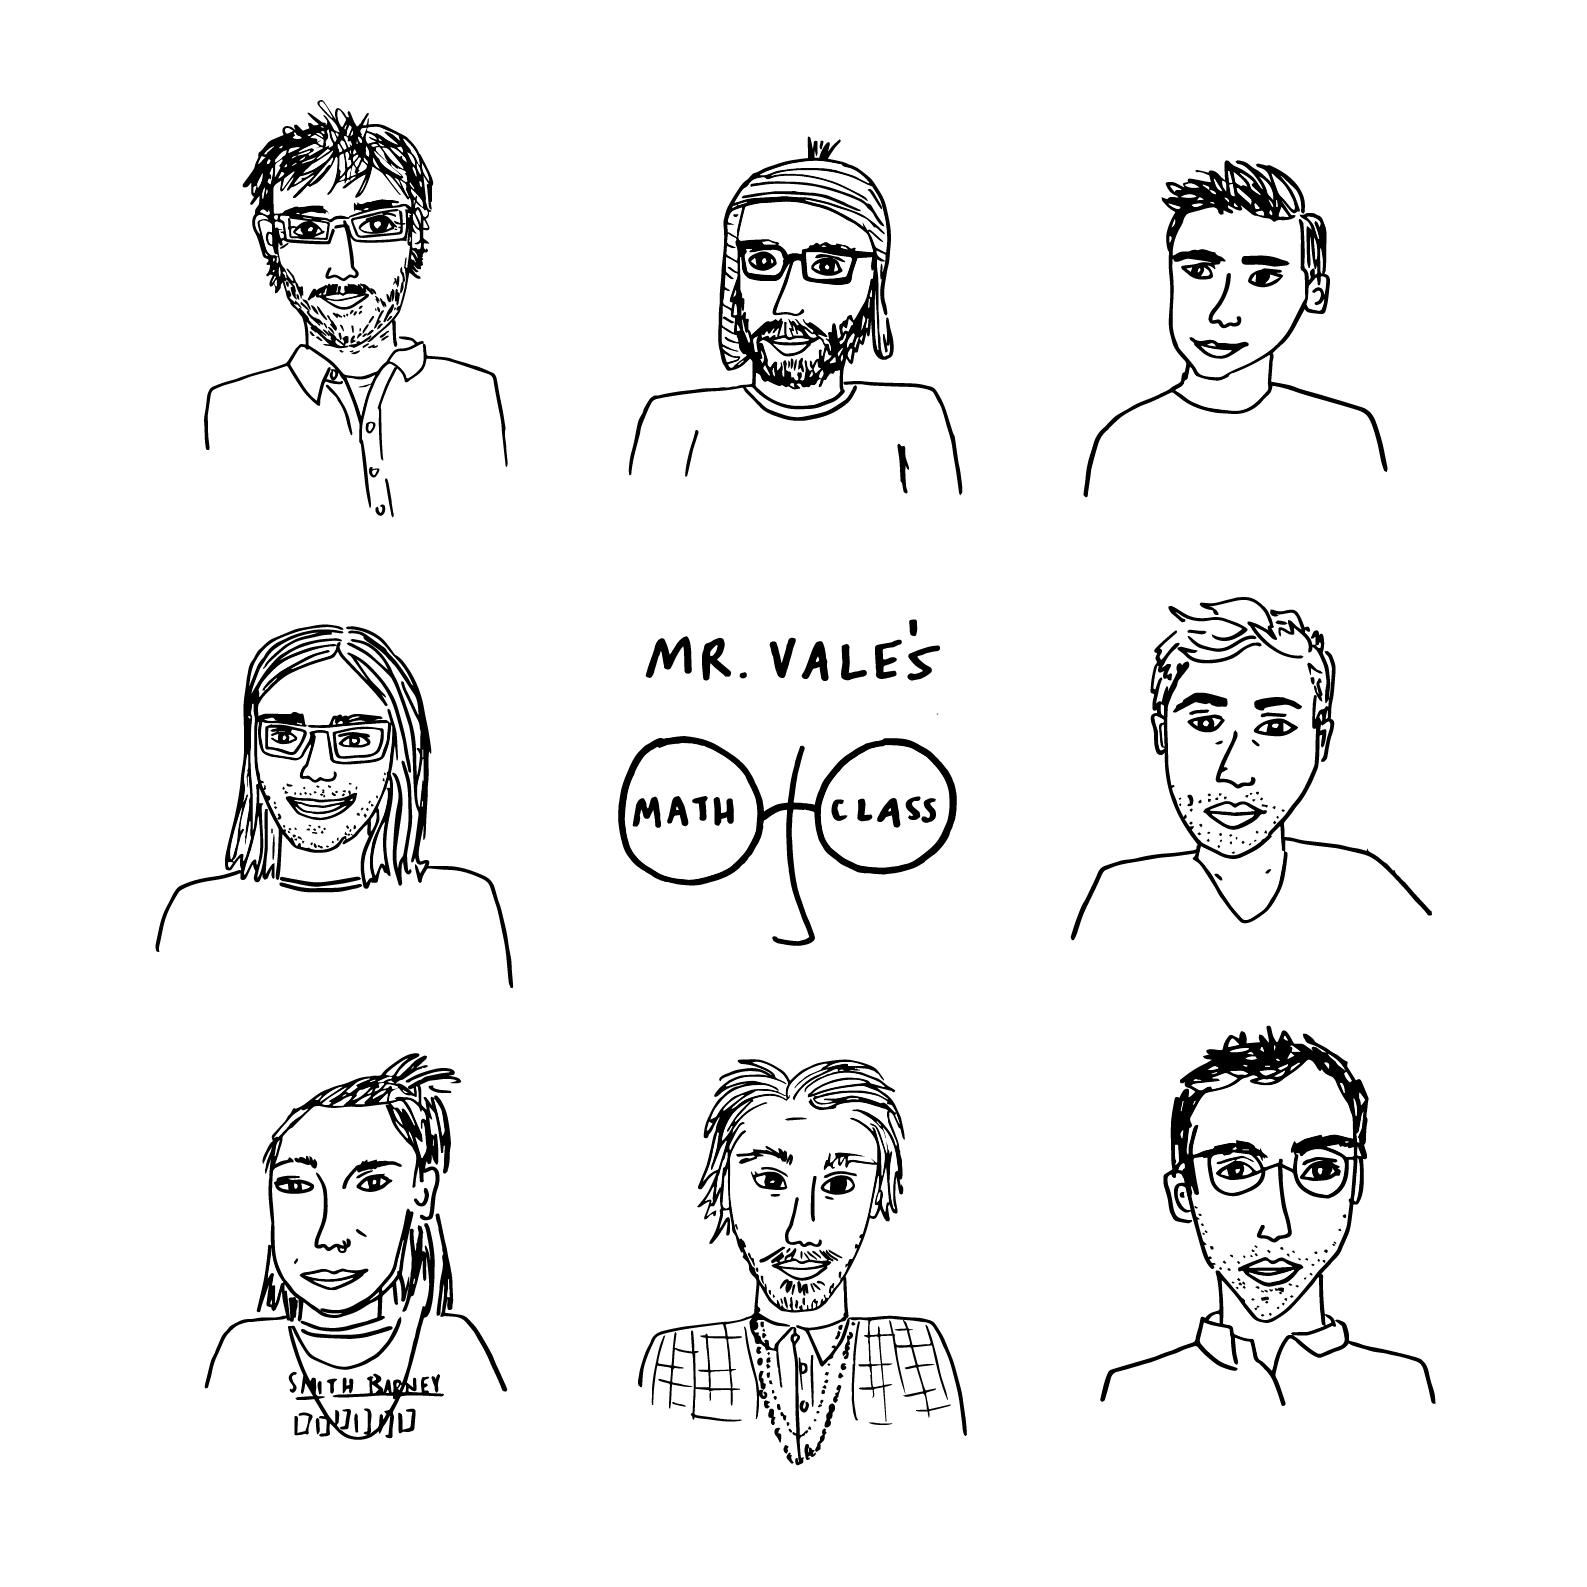 Math Class Group Portrait - no text.png